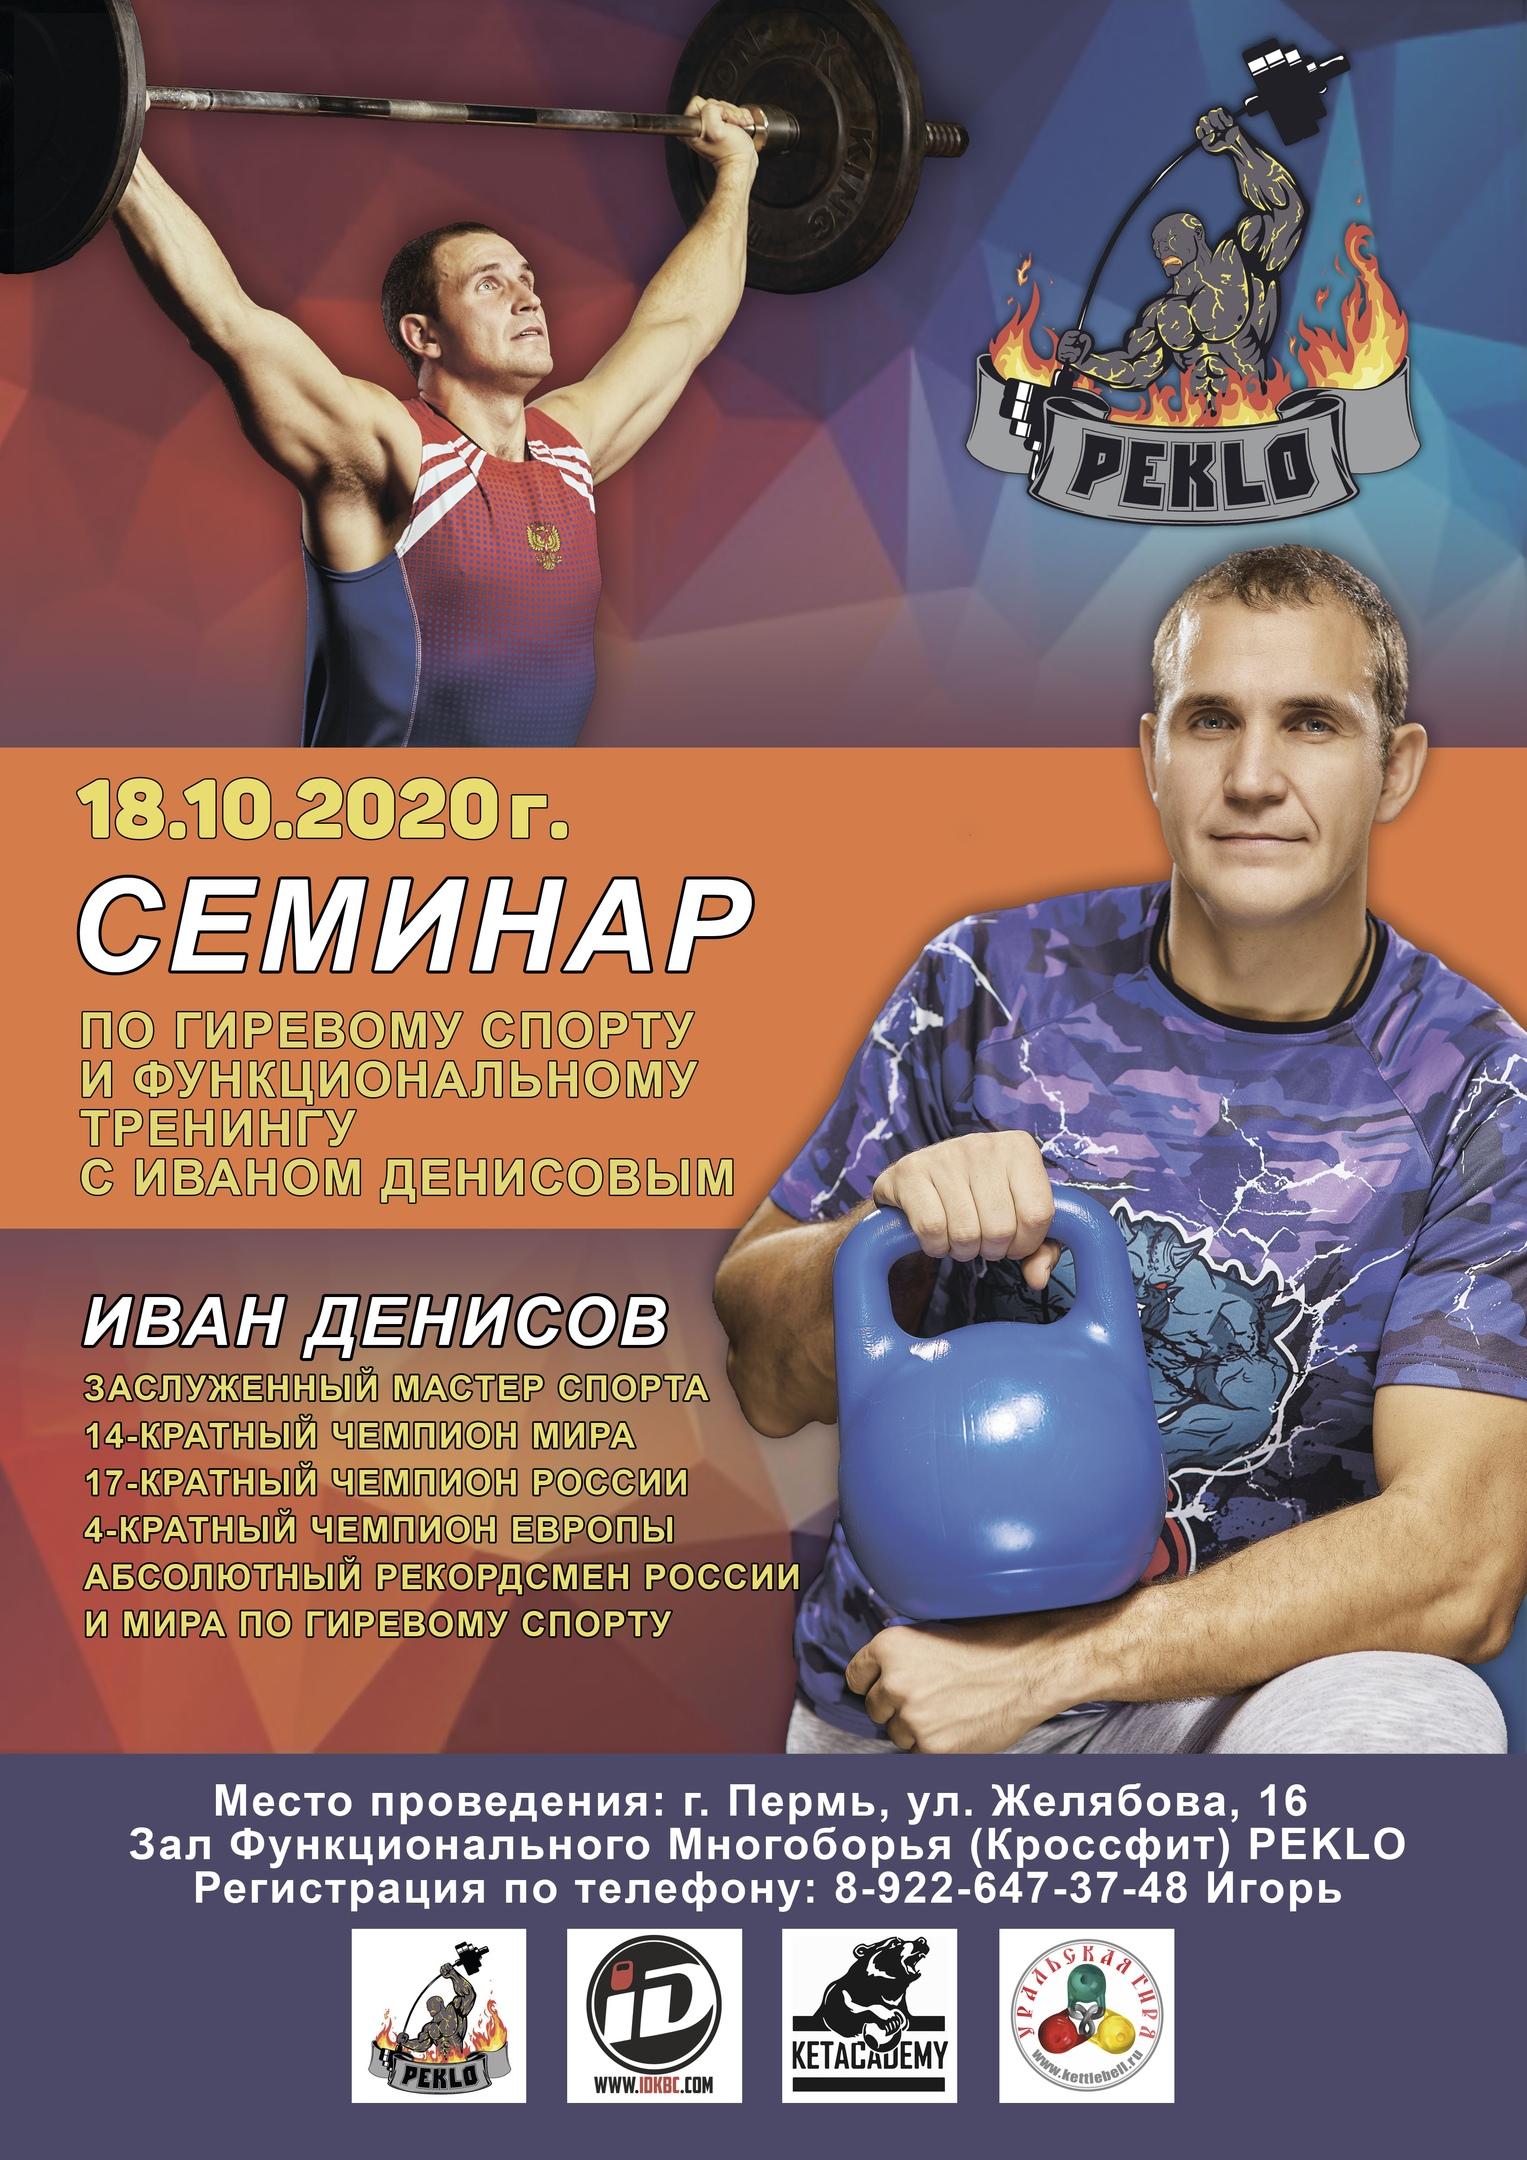 Семинар по гиревому спорту и тренировкам с гирями Ивана Денисова